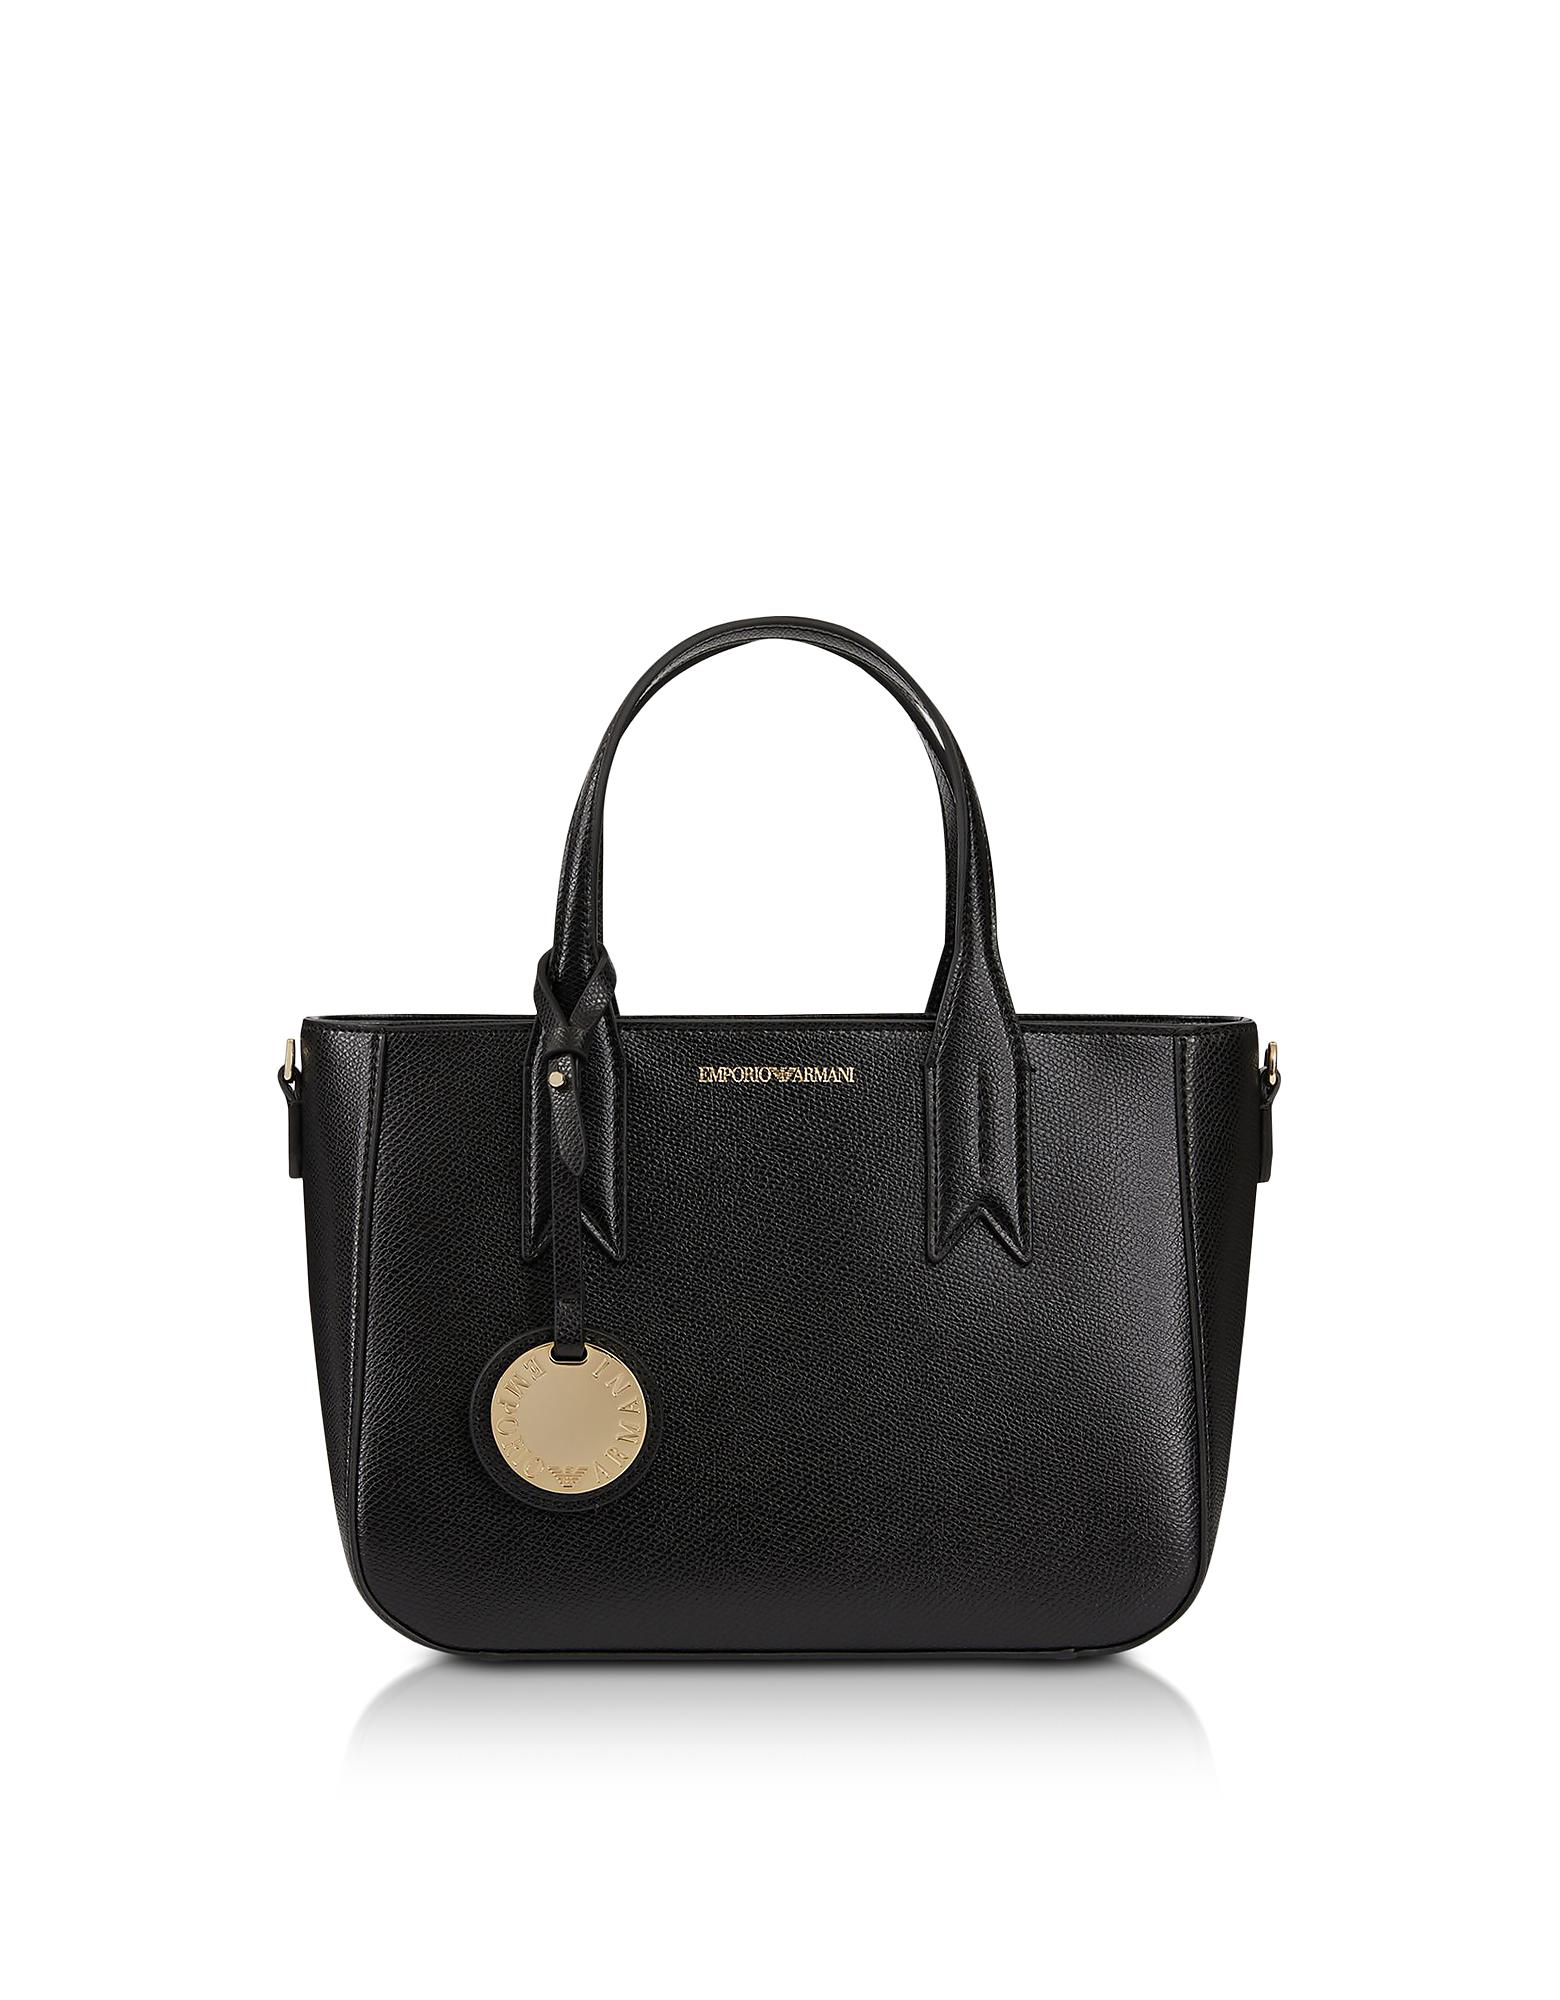 e32bba9e5 Black Embossed Eco Leather Mini Tote Bag Emporio Armani